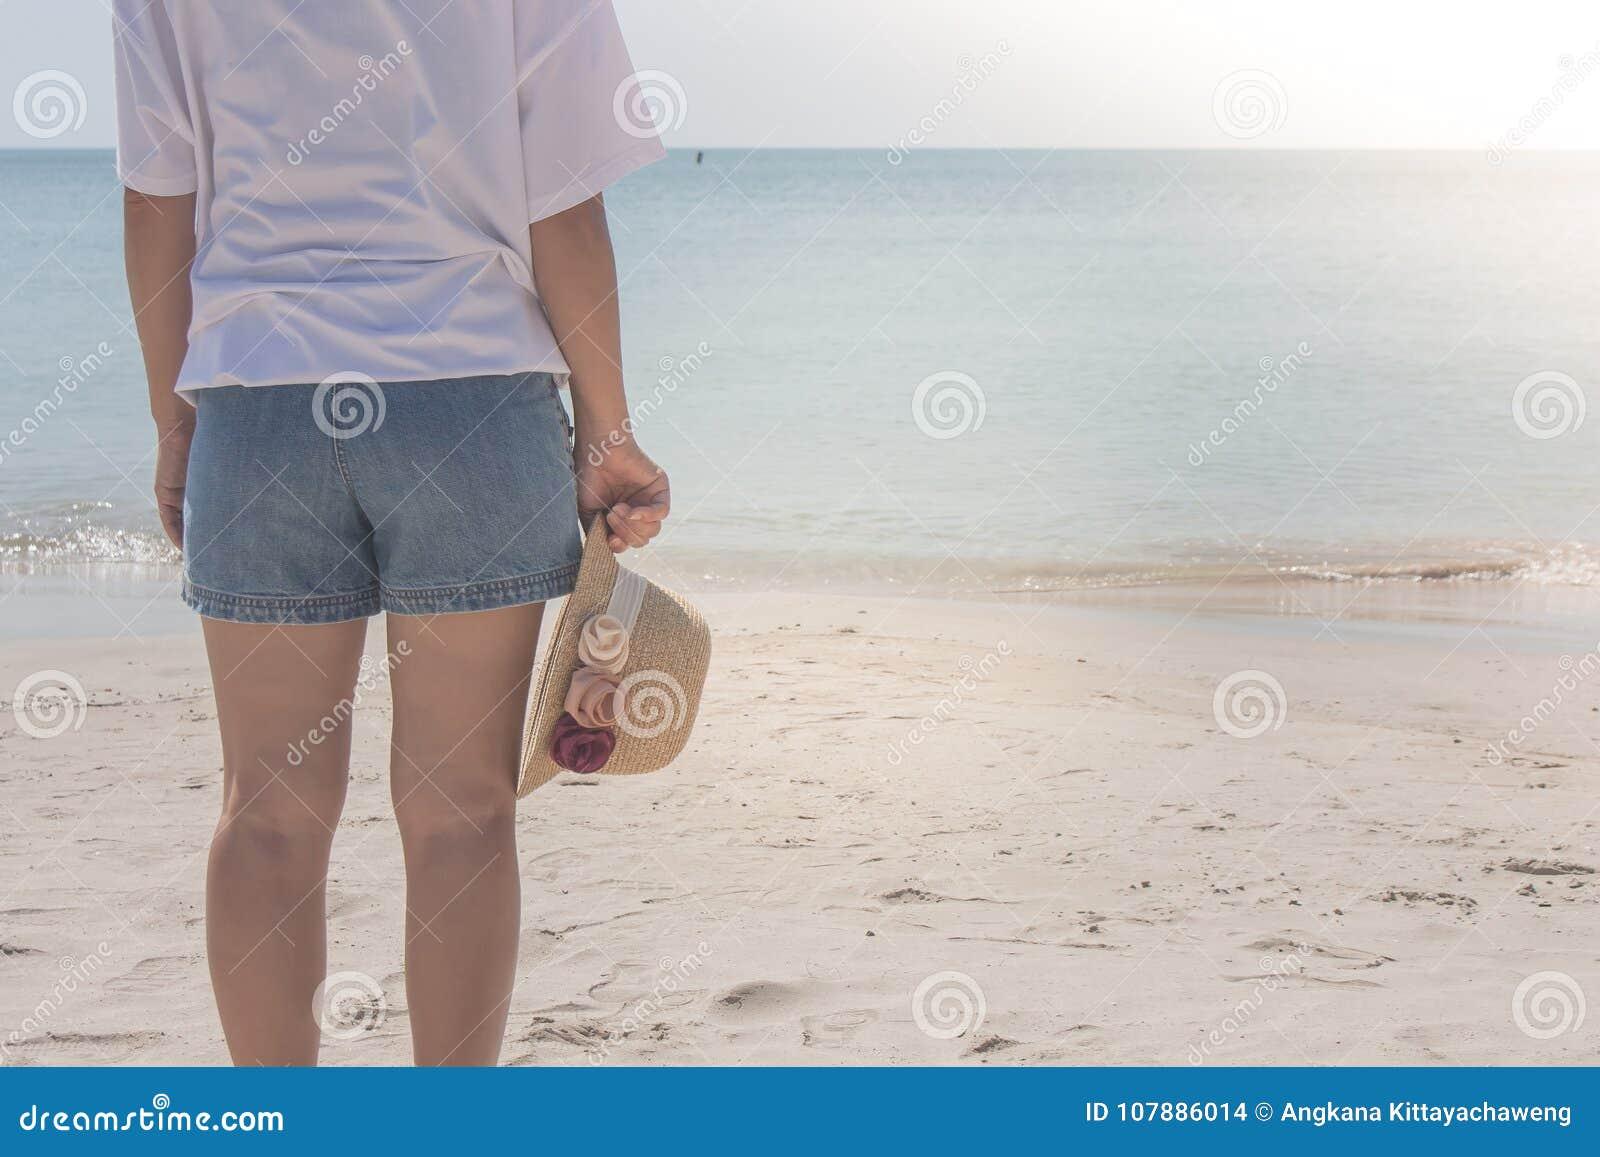 Tragendes weißes T-Shirt der Frau, sie stehend auf Sandstrand und Webarthut in der Hand halten, sie das Meer betrachtend